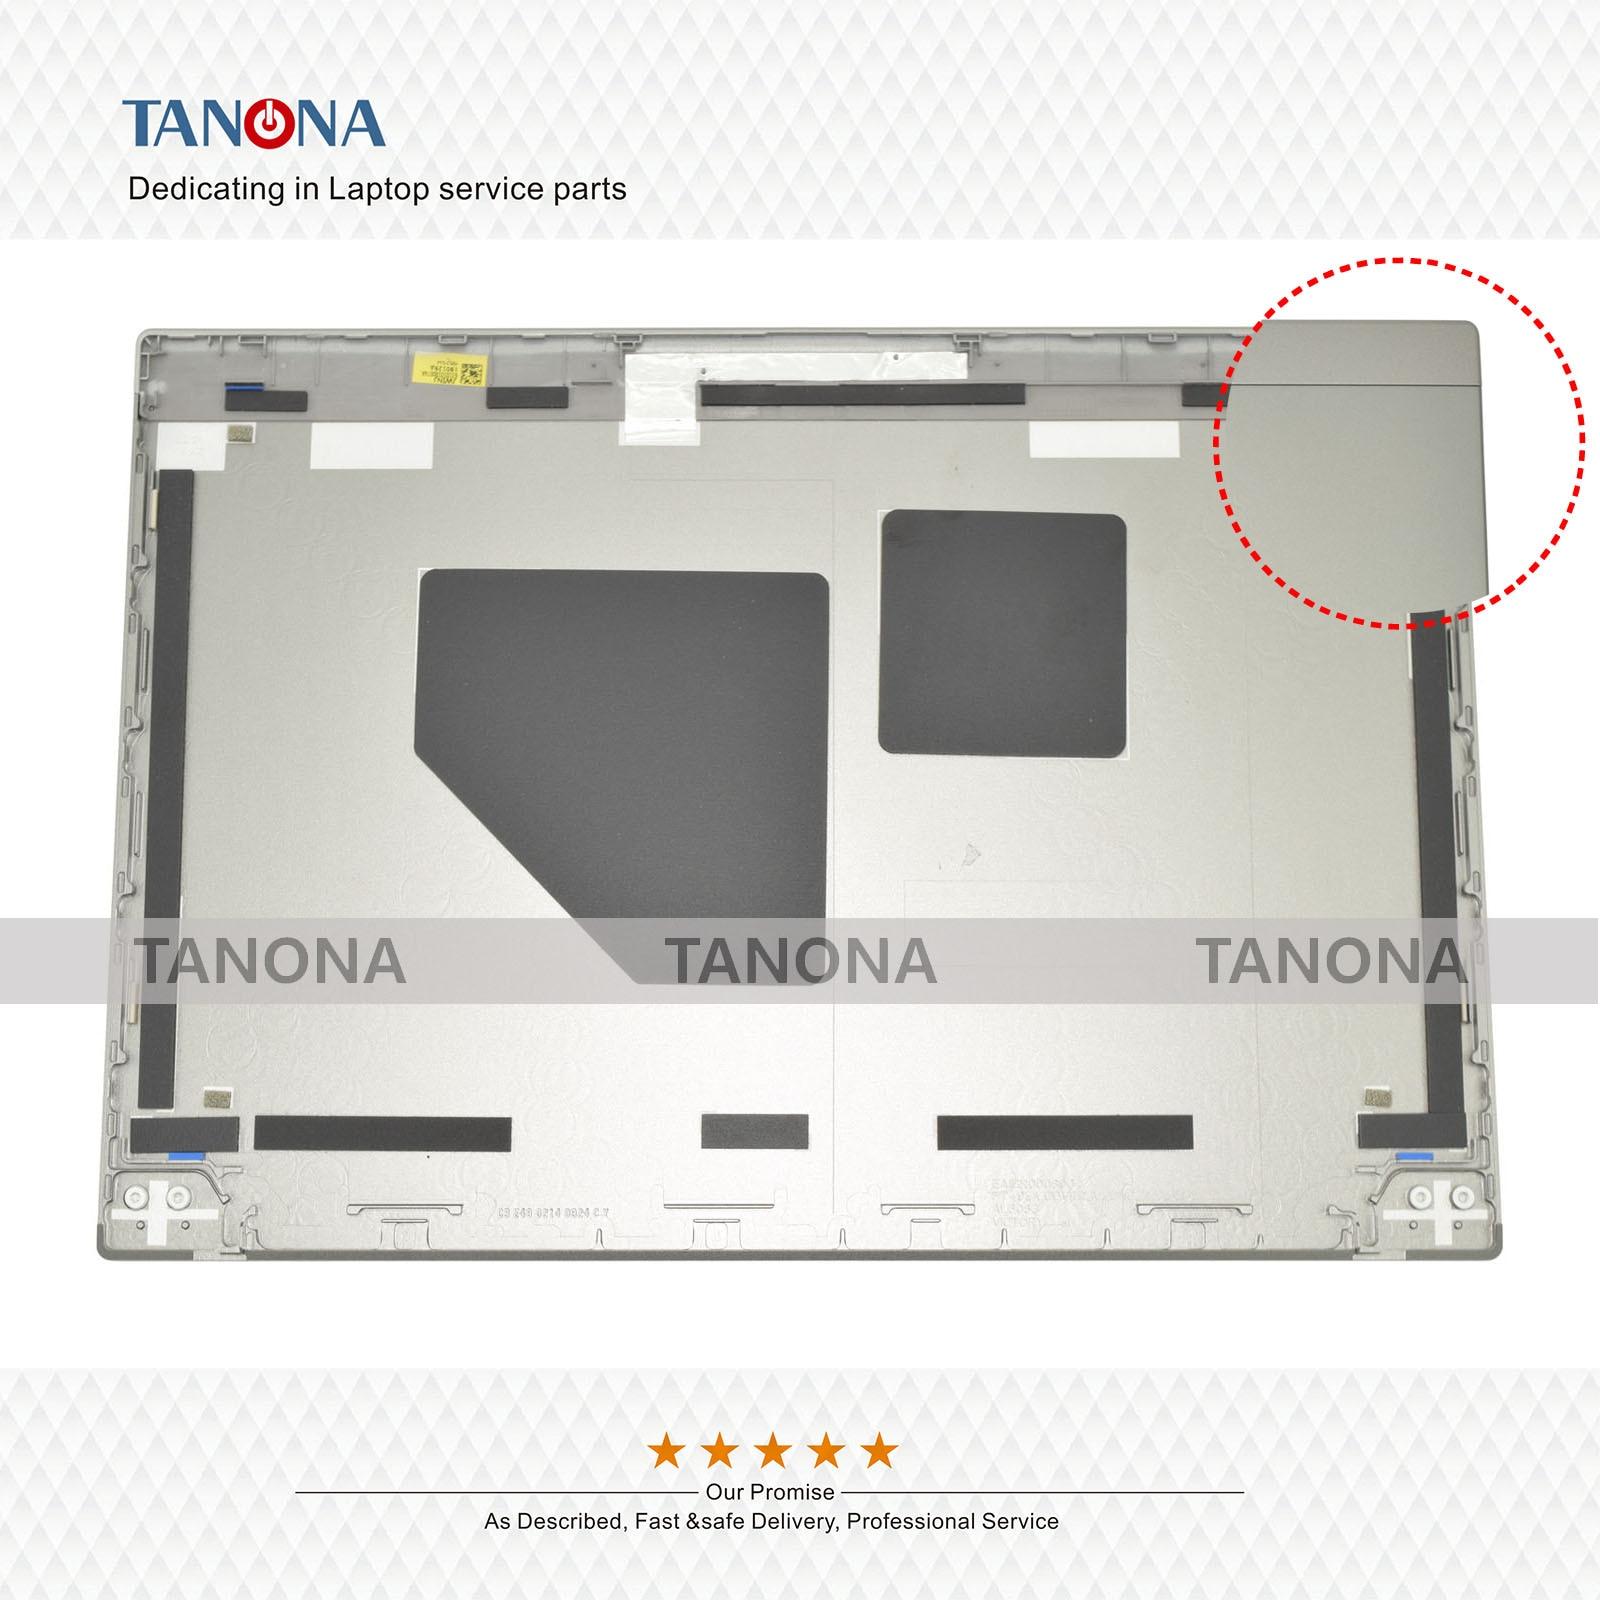 Orig novo 02hm495 para lenovo thinkpad t490s lcd tampa traseira capa traseira caso superior gabinete habitação chassis escudo portátil fhd prata